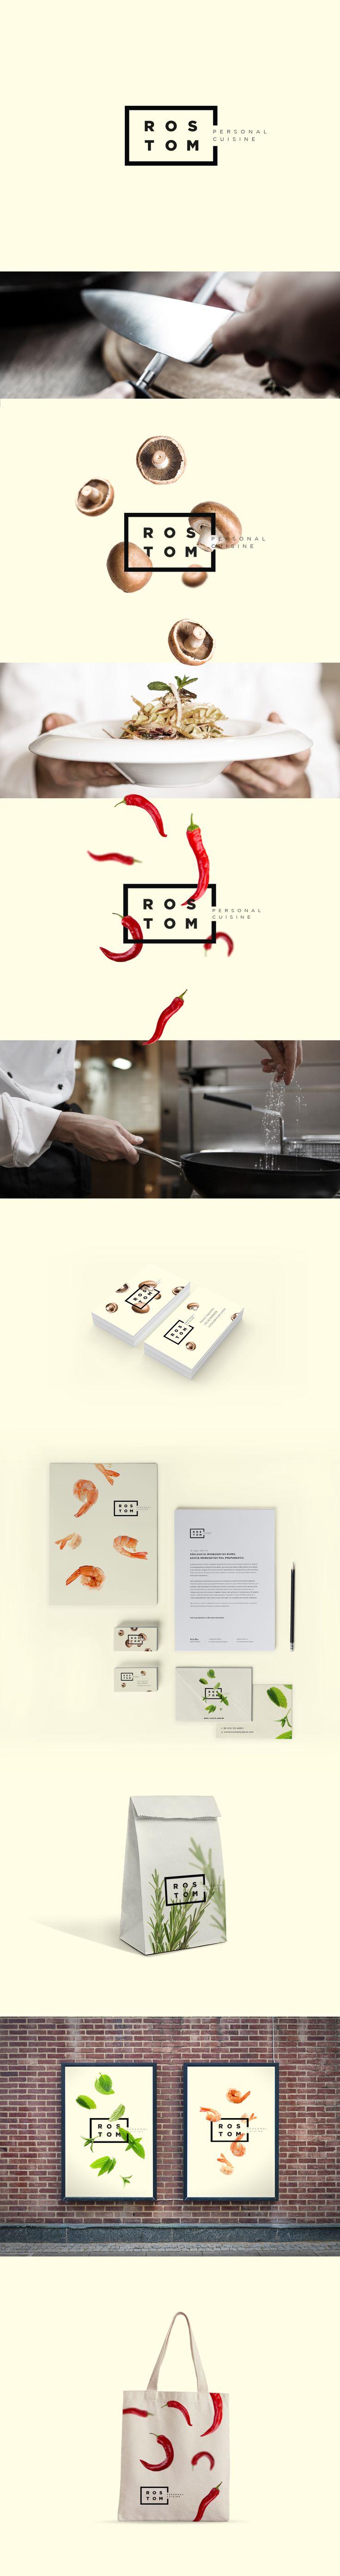 Marca criada para o chef de cozinha Rostom                                                                                                                                                                                 More